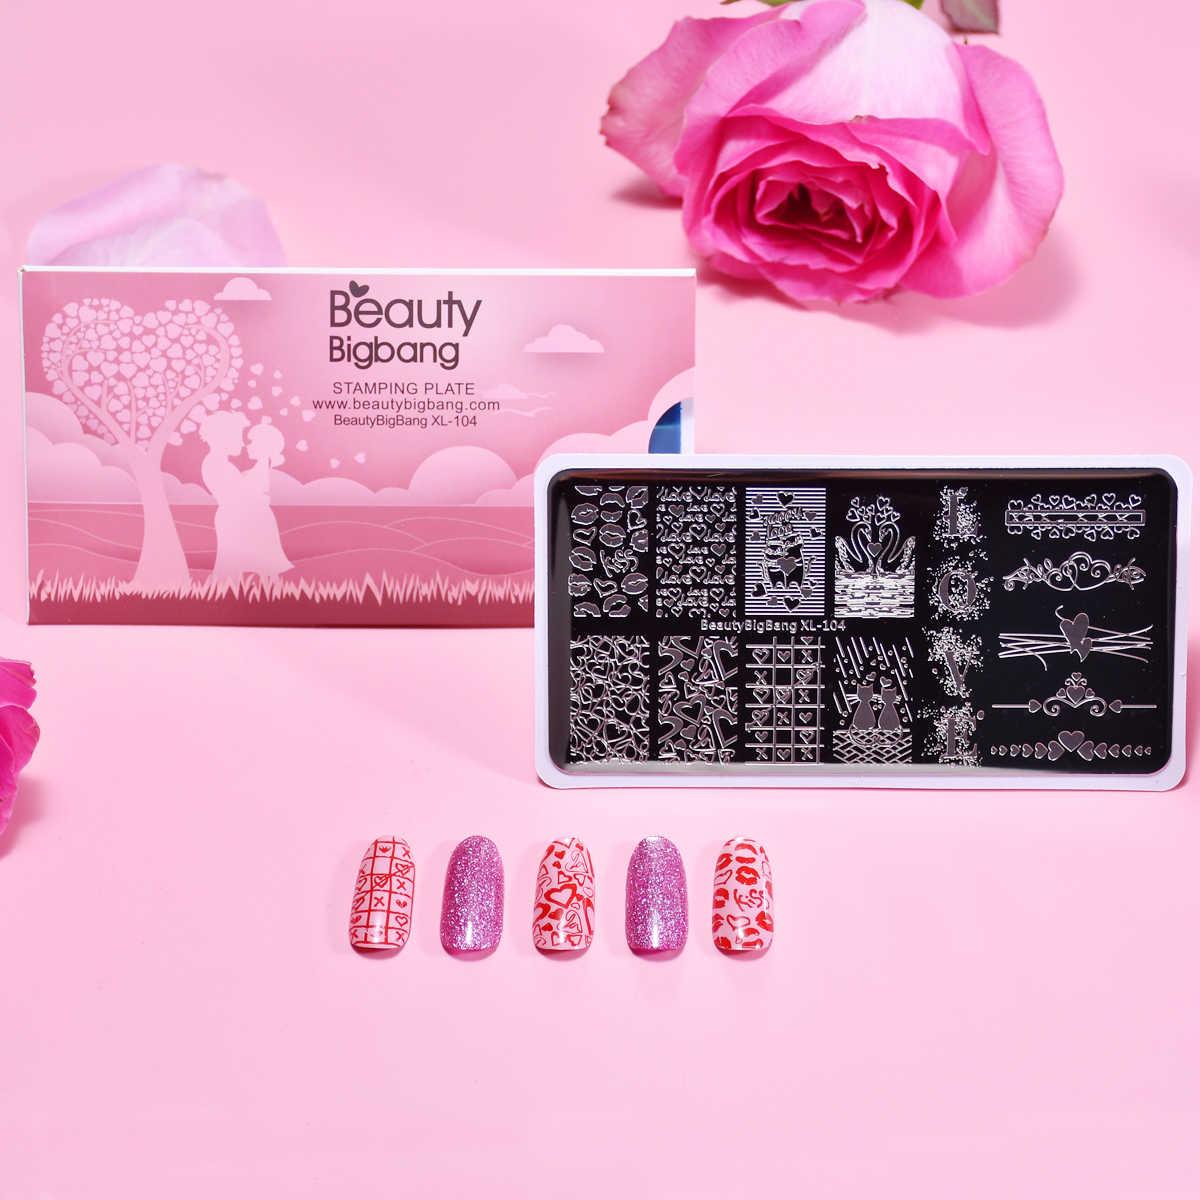 BeautyBigbang Nail Stamping Piatti Nuovo Cigno Sveglio Gatto Lips Cuore Dolce Modello Unghie Artistiche Francobolli Template XL-104